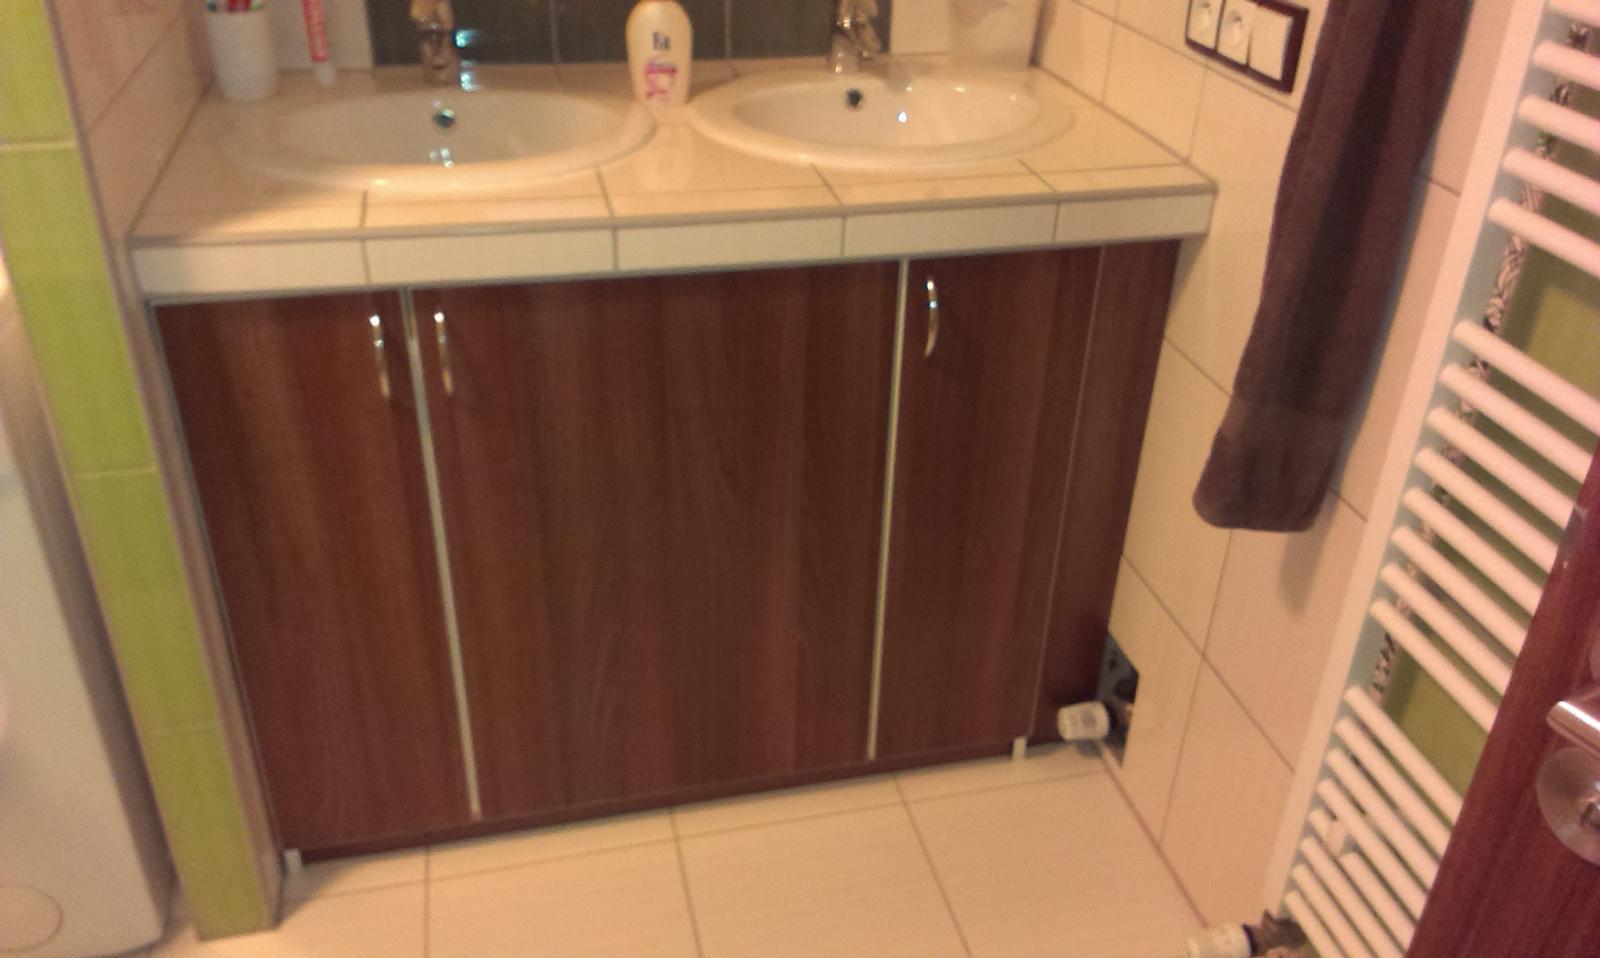 Bydlíme :) - skrínka v koupelně - jsem nadšená